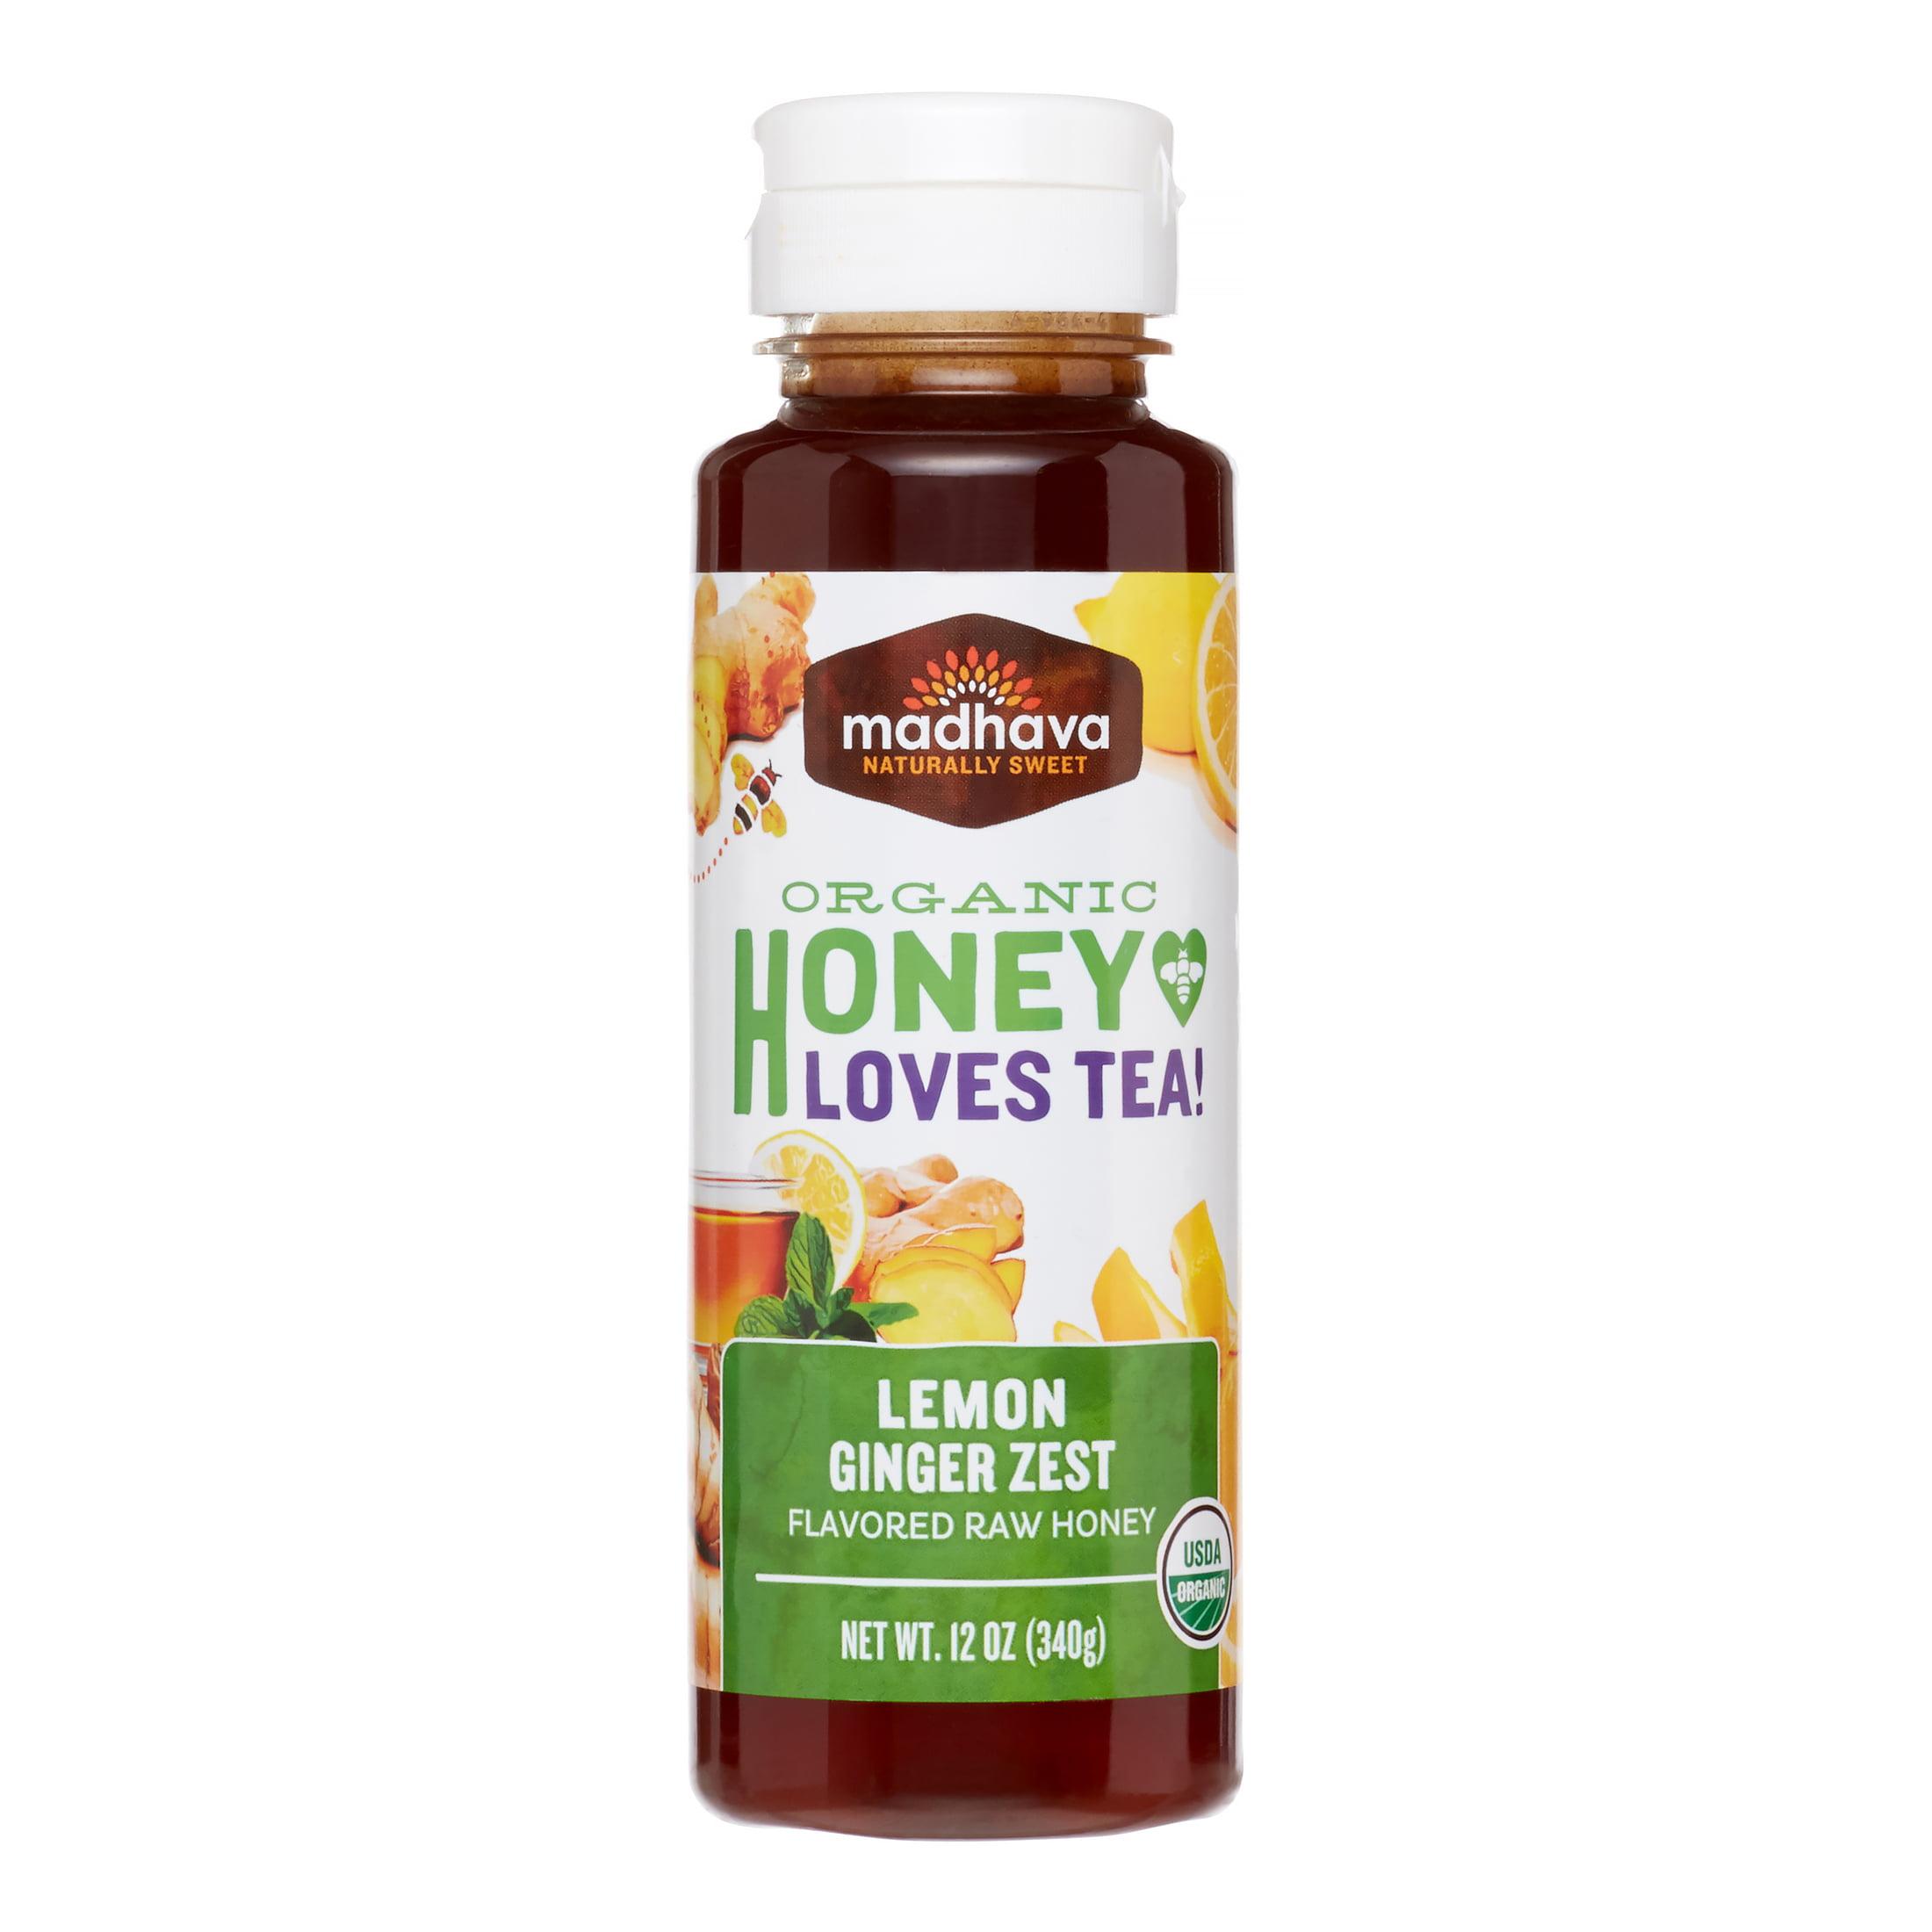 Madhava Organic Honey Lemon Ginger Zest by Madhava Honey